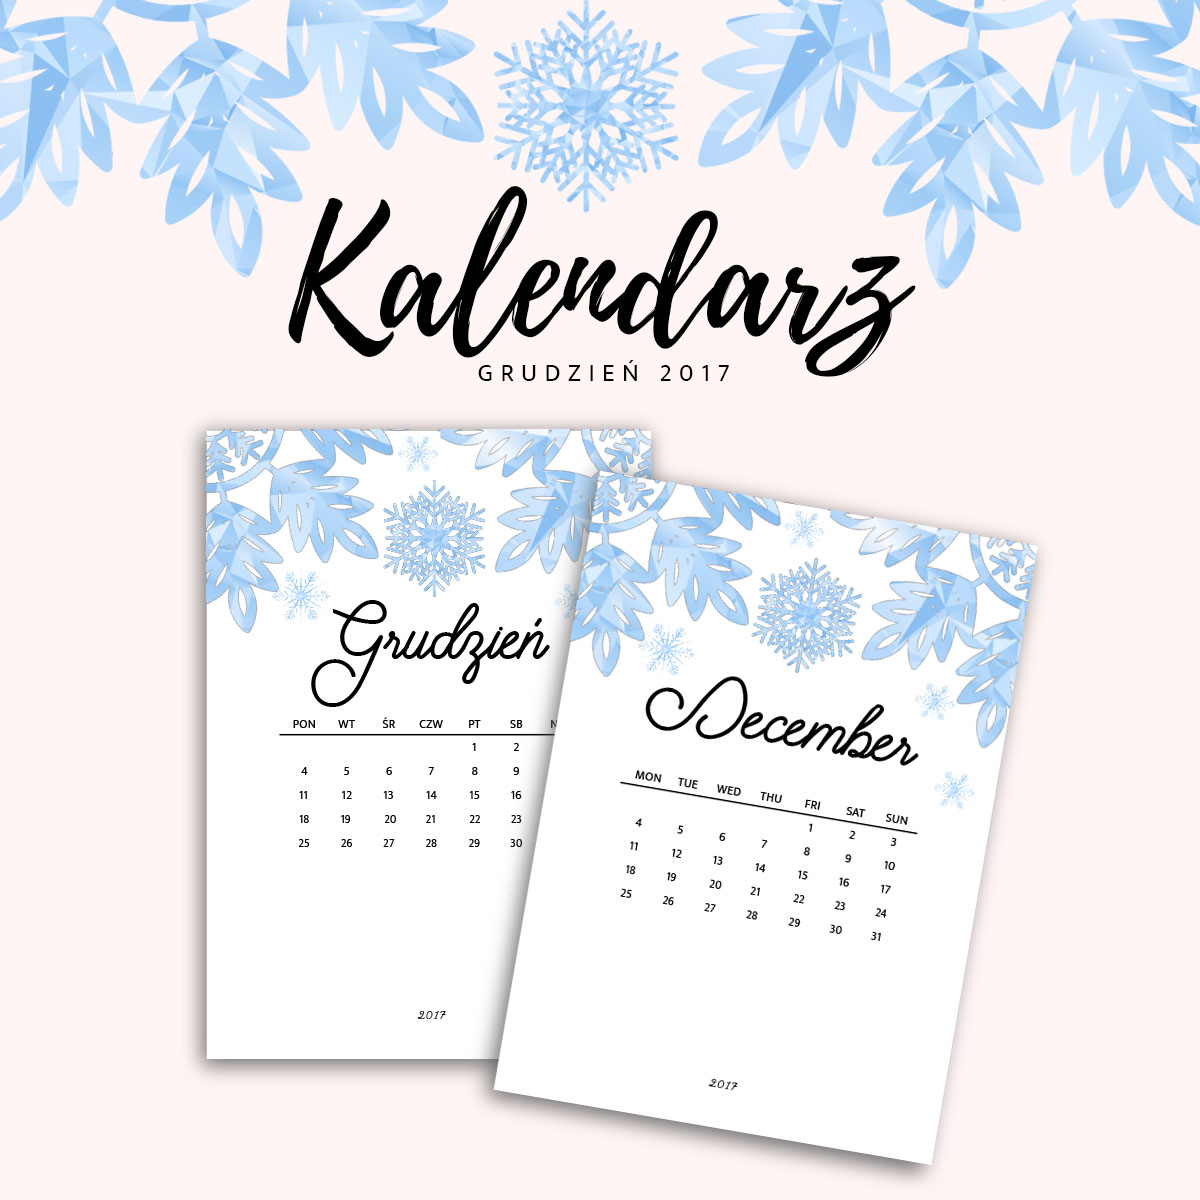 Kalendarz do druku - GRUDIZEŃ 2017 {do pobrania za darmo}